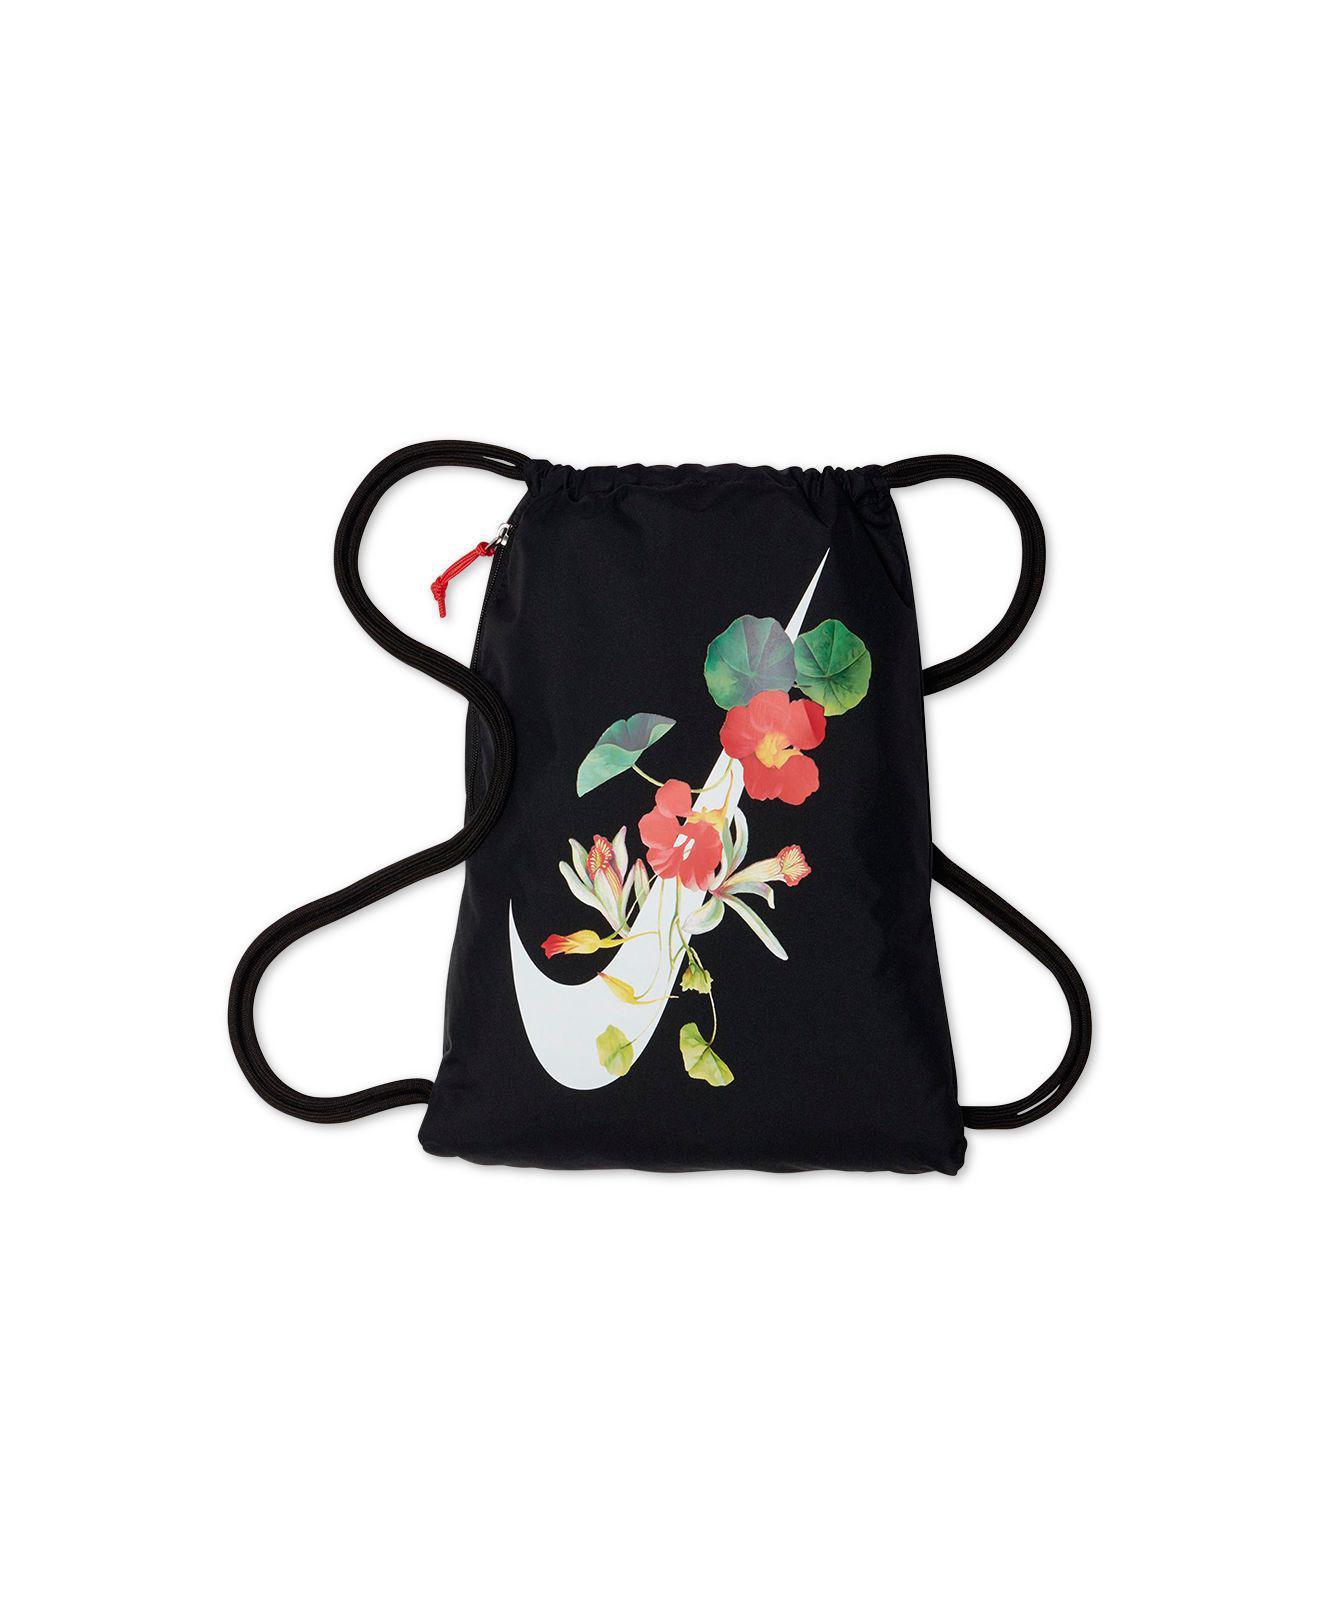 7b4ac6f48 Nike Ultra-femme Floral-logo Gym Sack in Black - Lyst